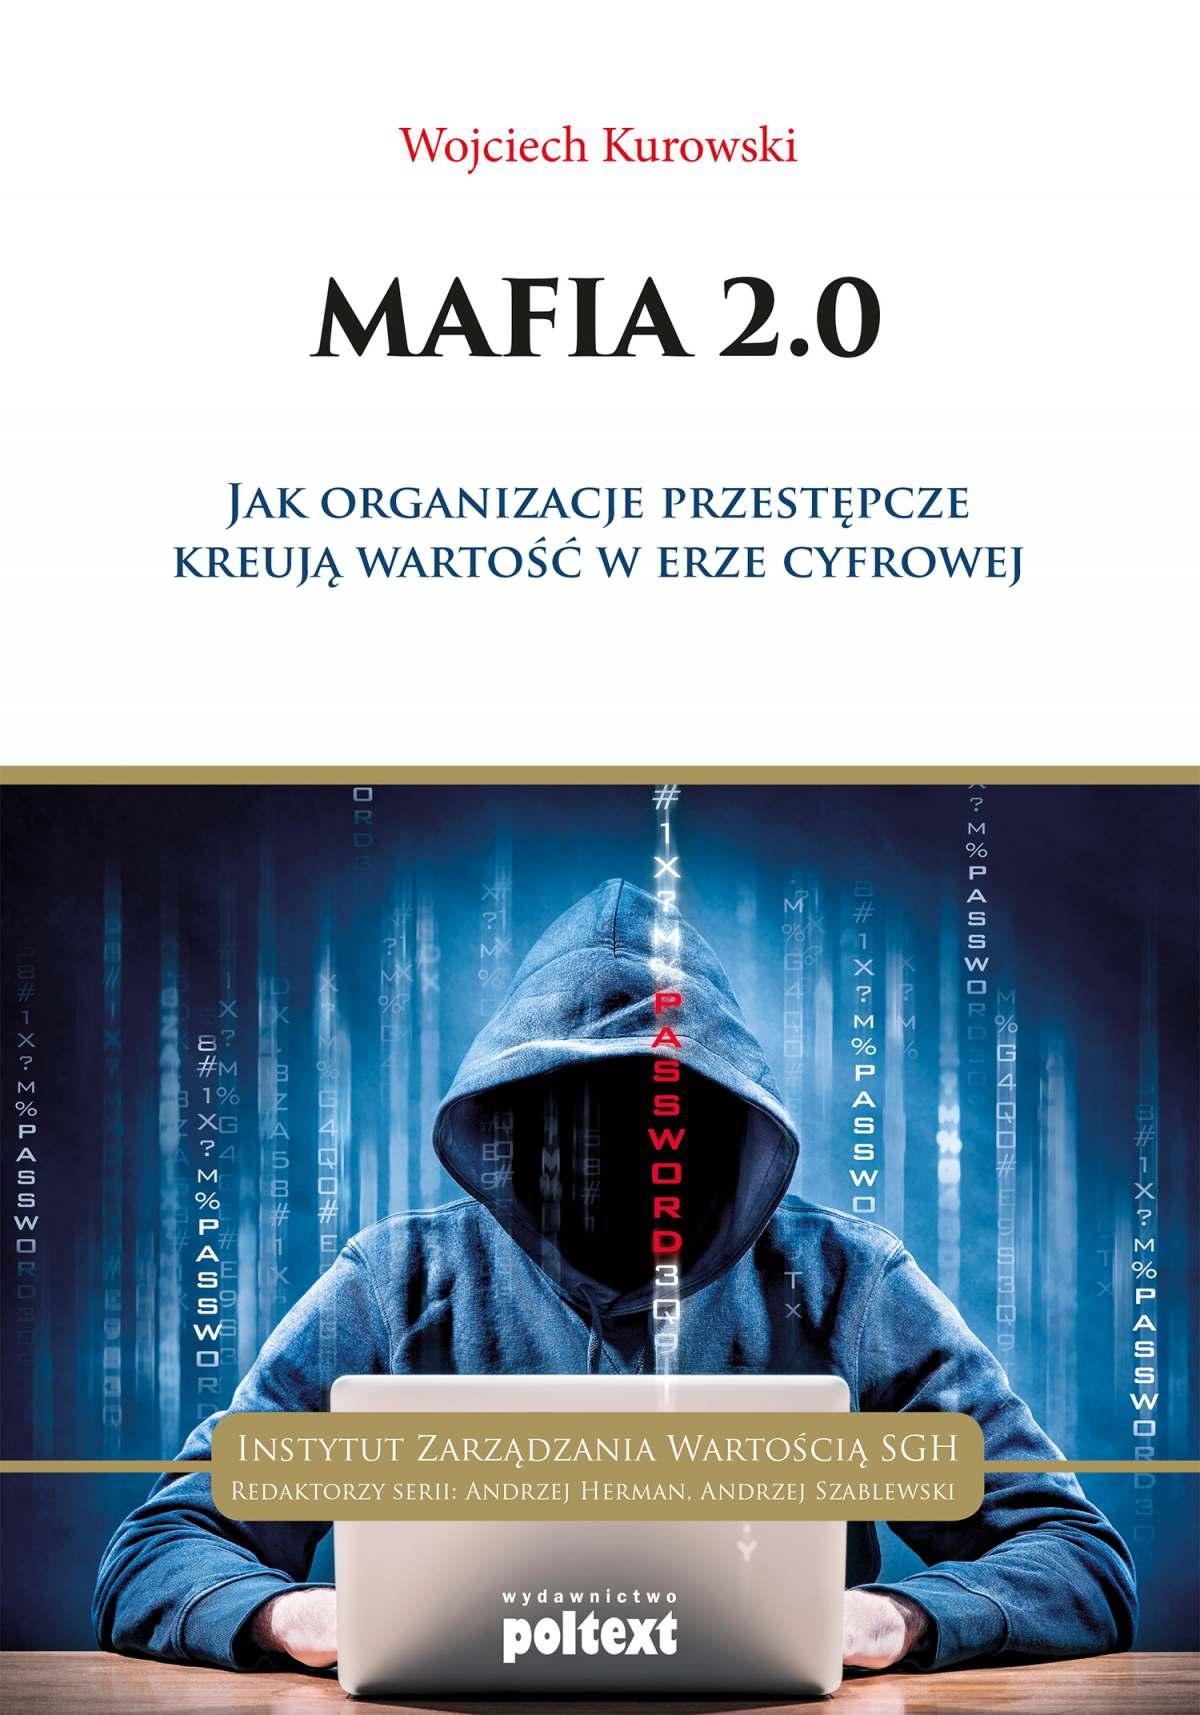 Mafia 2.0 Jak organizacje przestępcze kreują wartość w erze cyfrowej - Ebook (Książka na Kindle) do pobrania w formacie MOBI